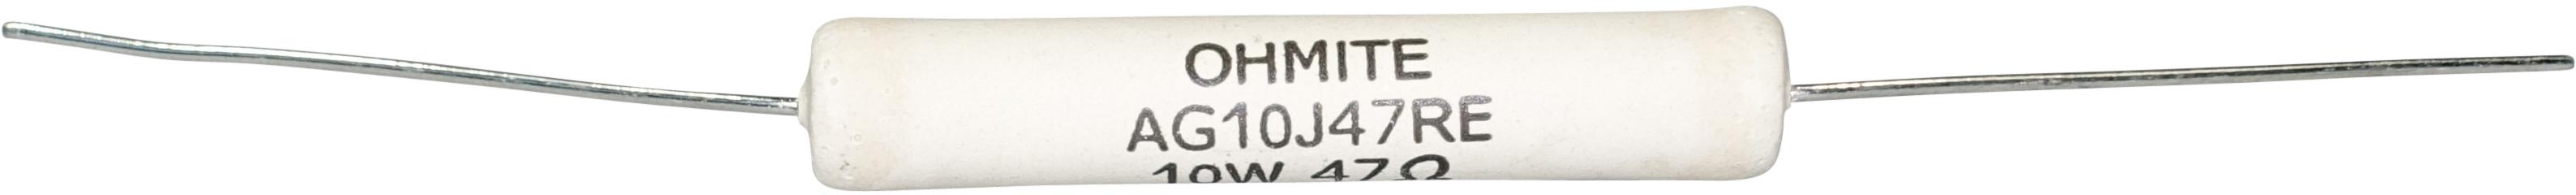 Ohmite Audio Gold 10W - 0,39 Ohm